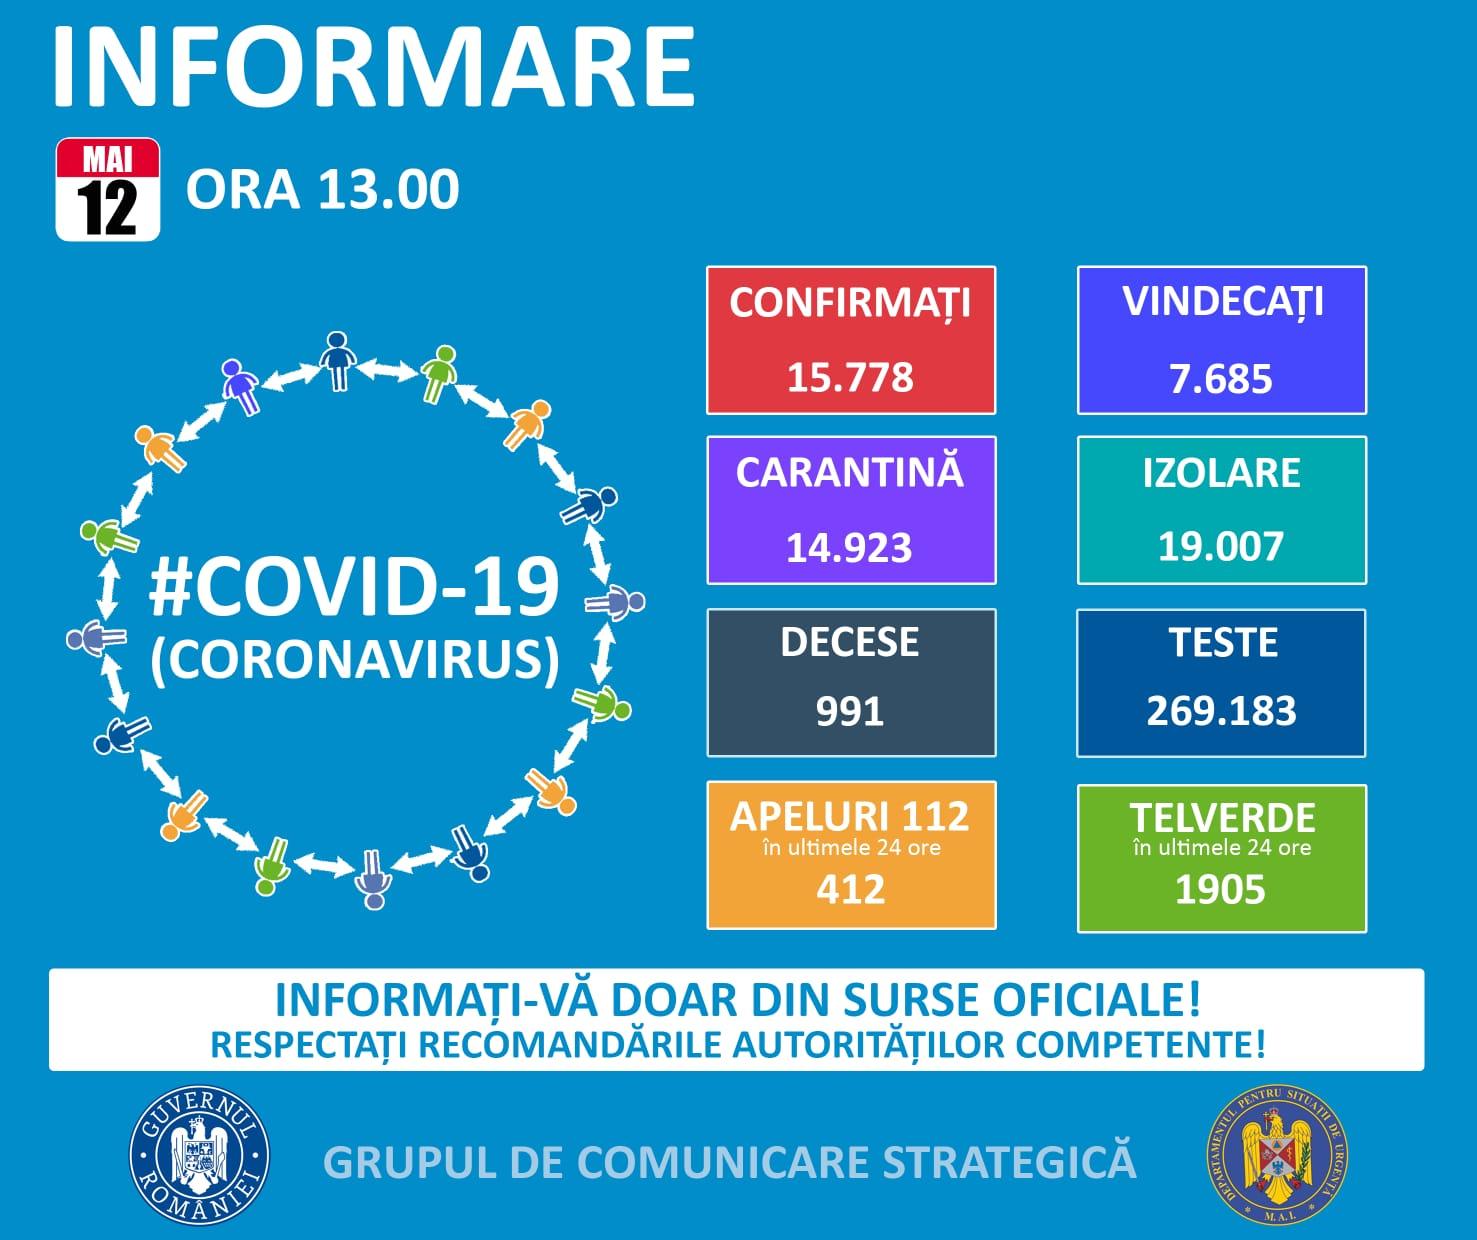 15.778 de cazuri de coronavirus pe teritoriul României. 991 de persoane au decedat